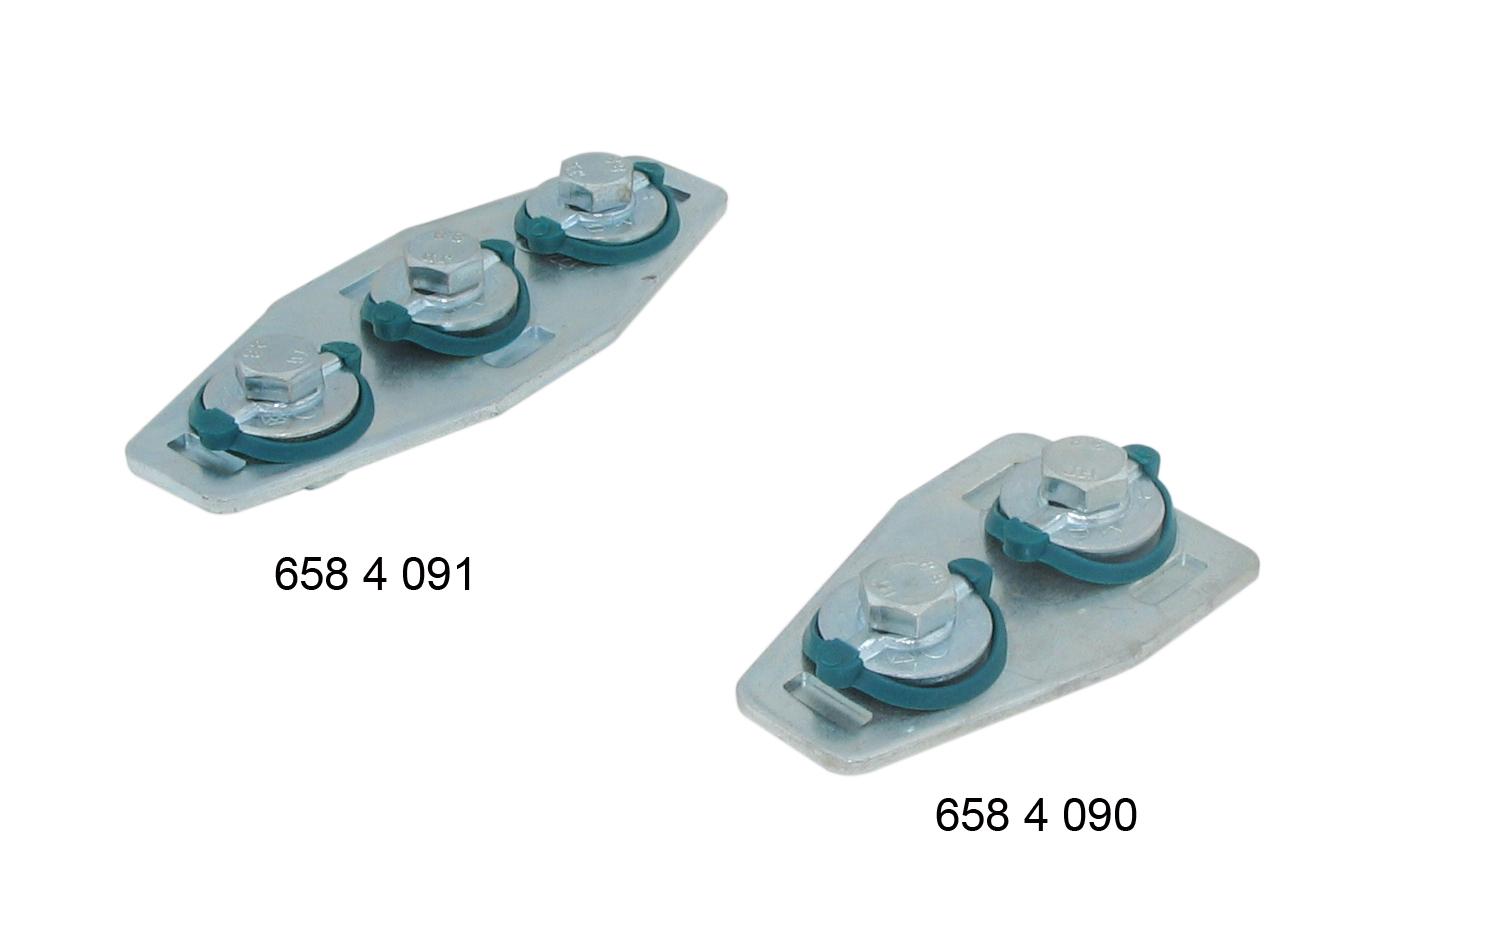 6584090-91.jpg